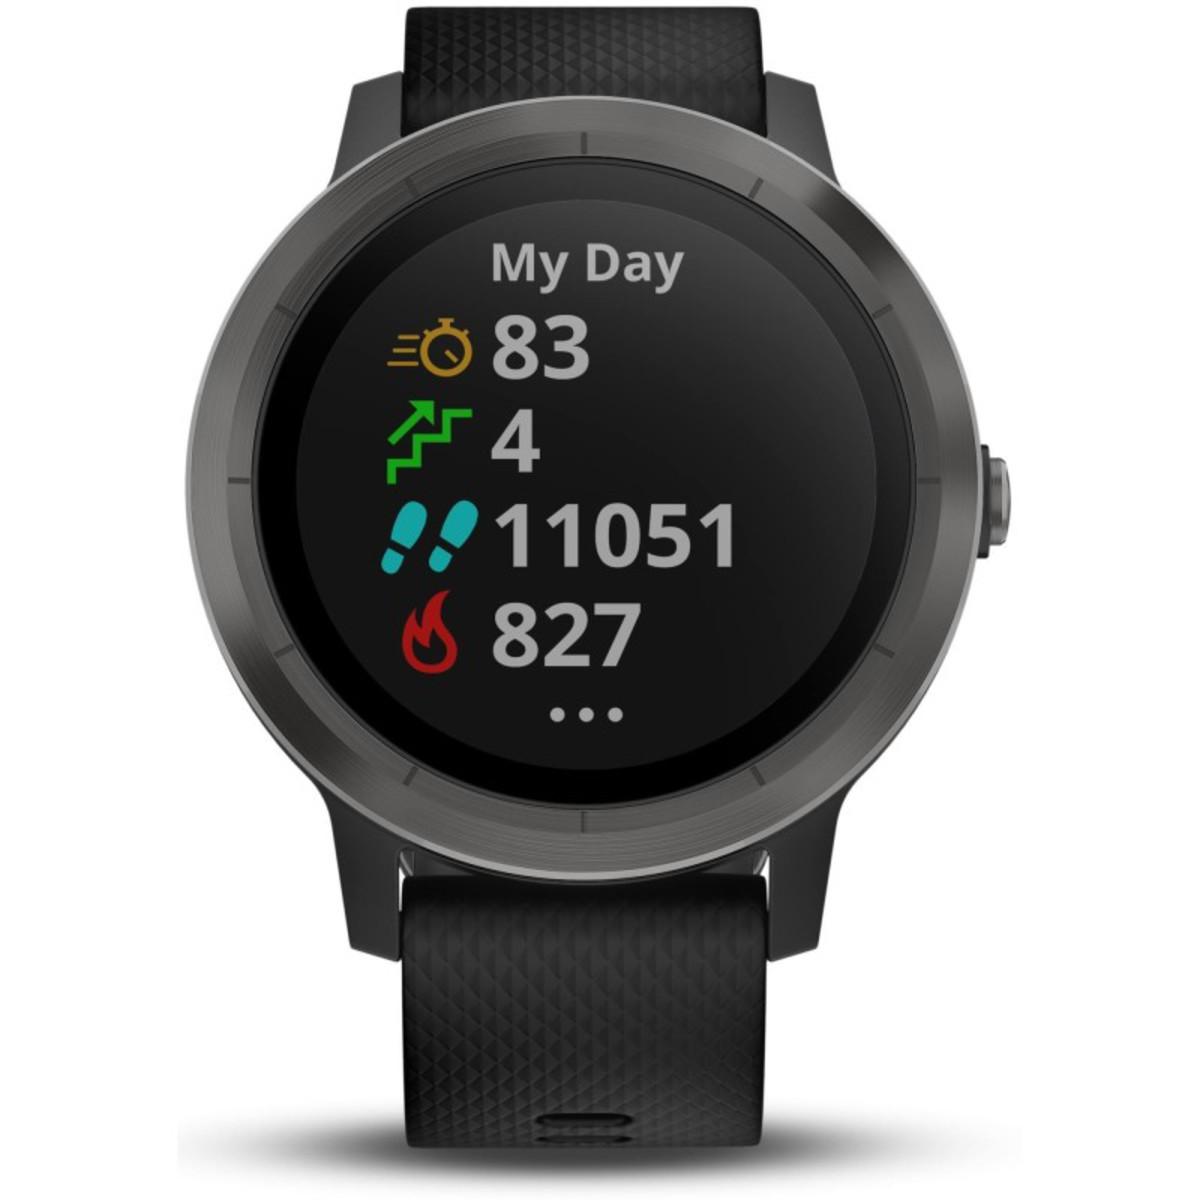 Bild 4 von Sportuhr Vivoactive 3 HFM und GPS schwarz